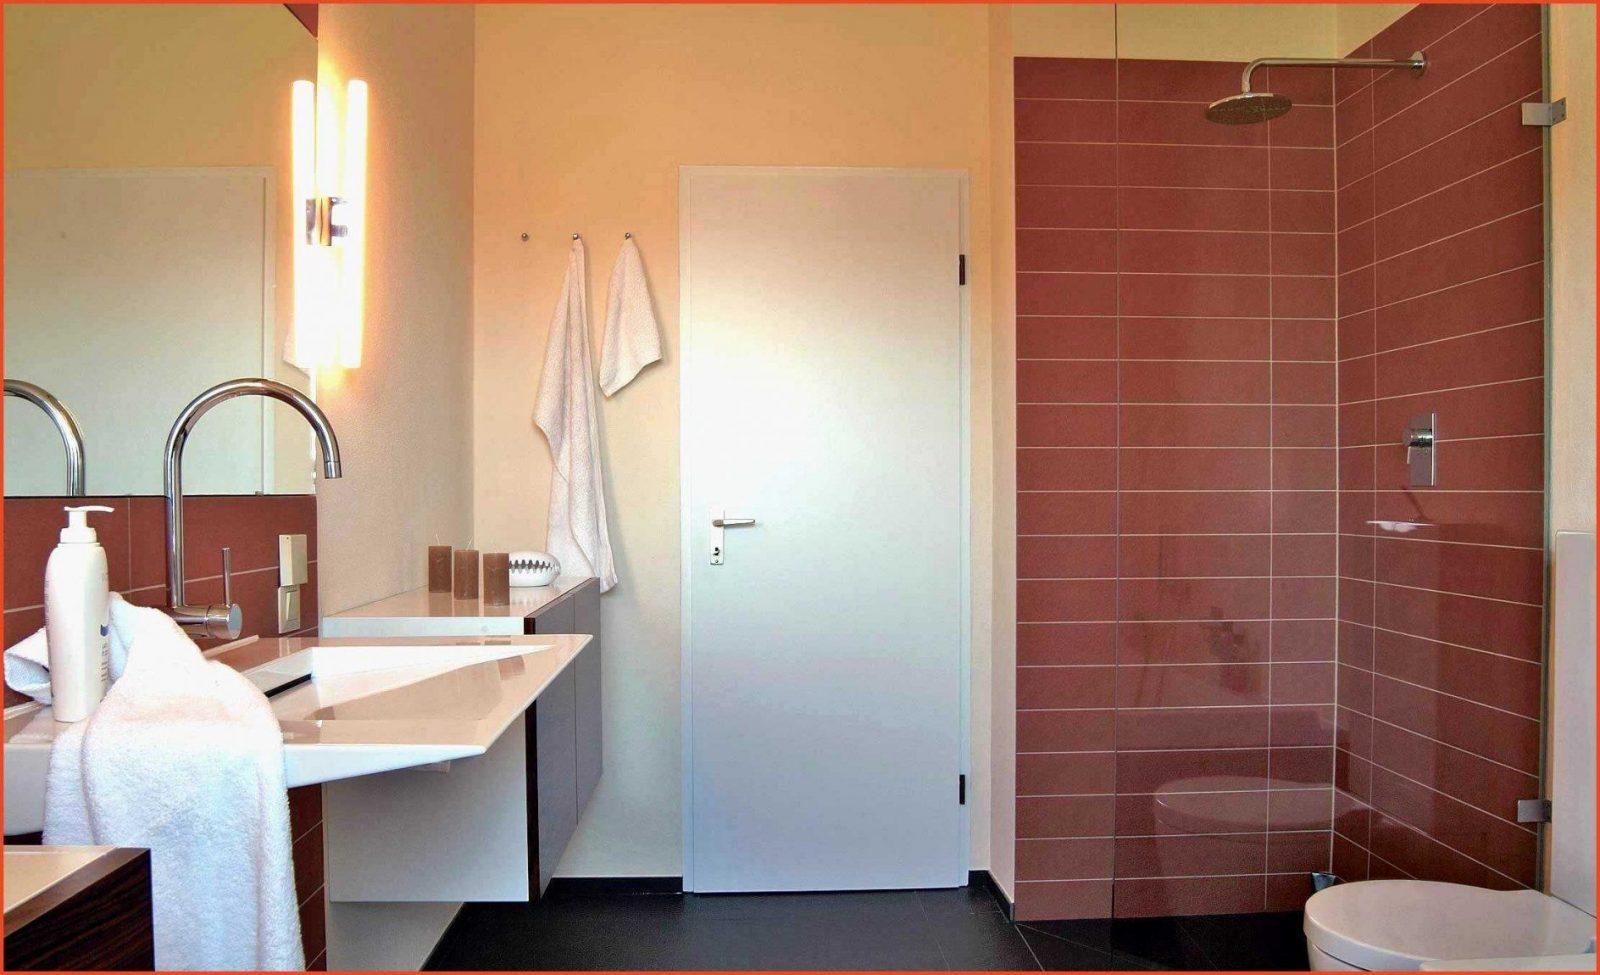 badezimmer renovieren ohne fliesen   badezimmer renovieren ohne